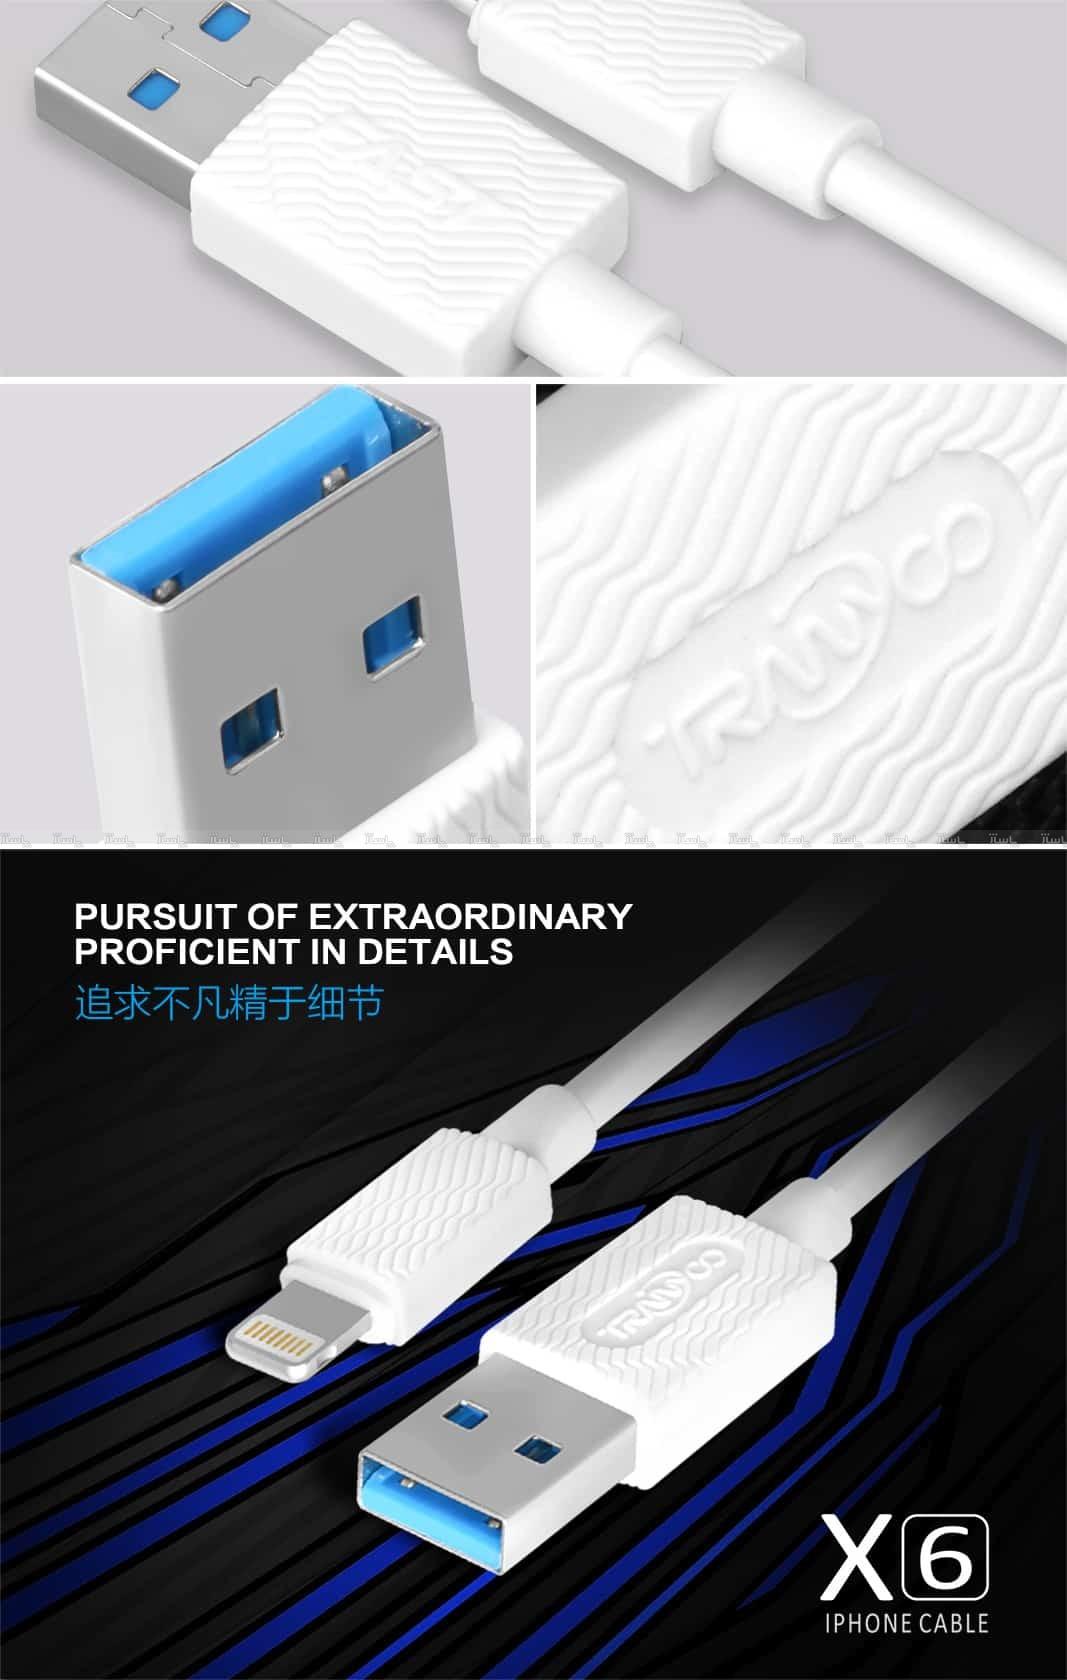 کابل شارژر ایفون TRANYOO Cable LIGHTNING X6-تصویر اصلی